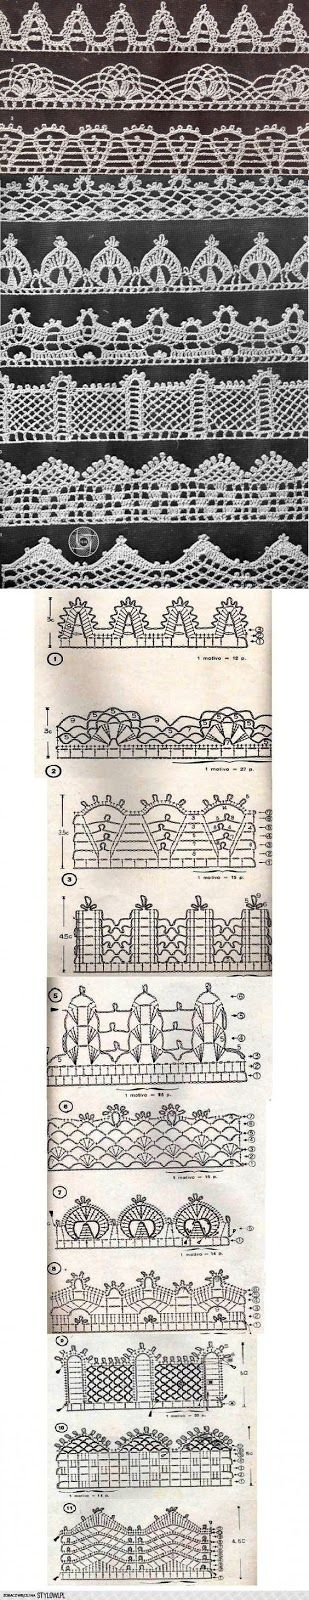 Wzory ściegów szydełkowych, Ciekawe ściegi szydełkowe, Lekcje szydełkowania, filmy DIY, tutoriale